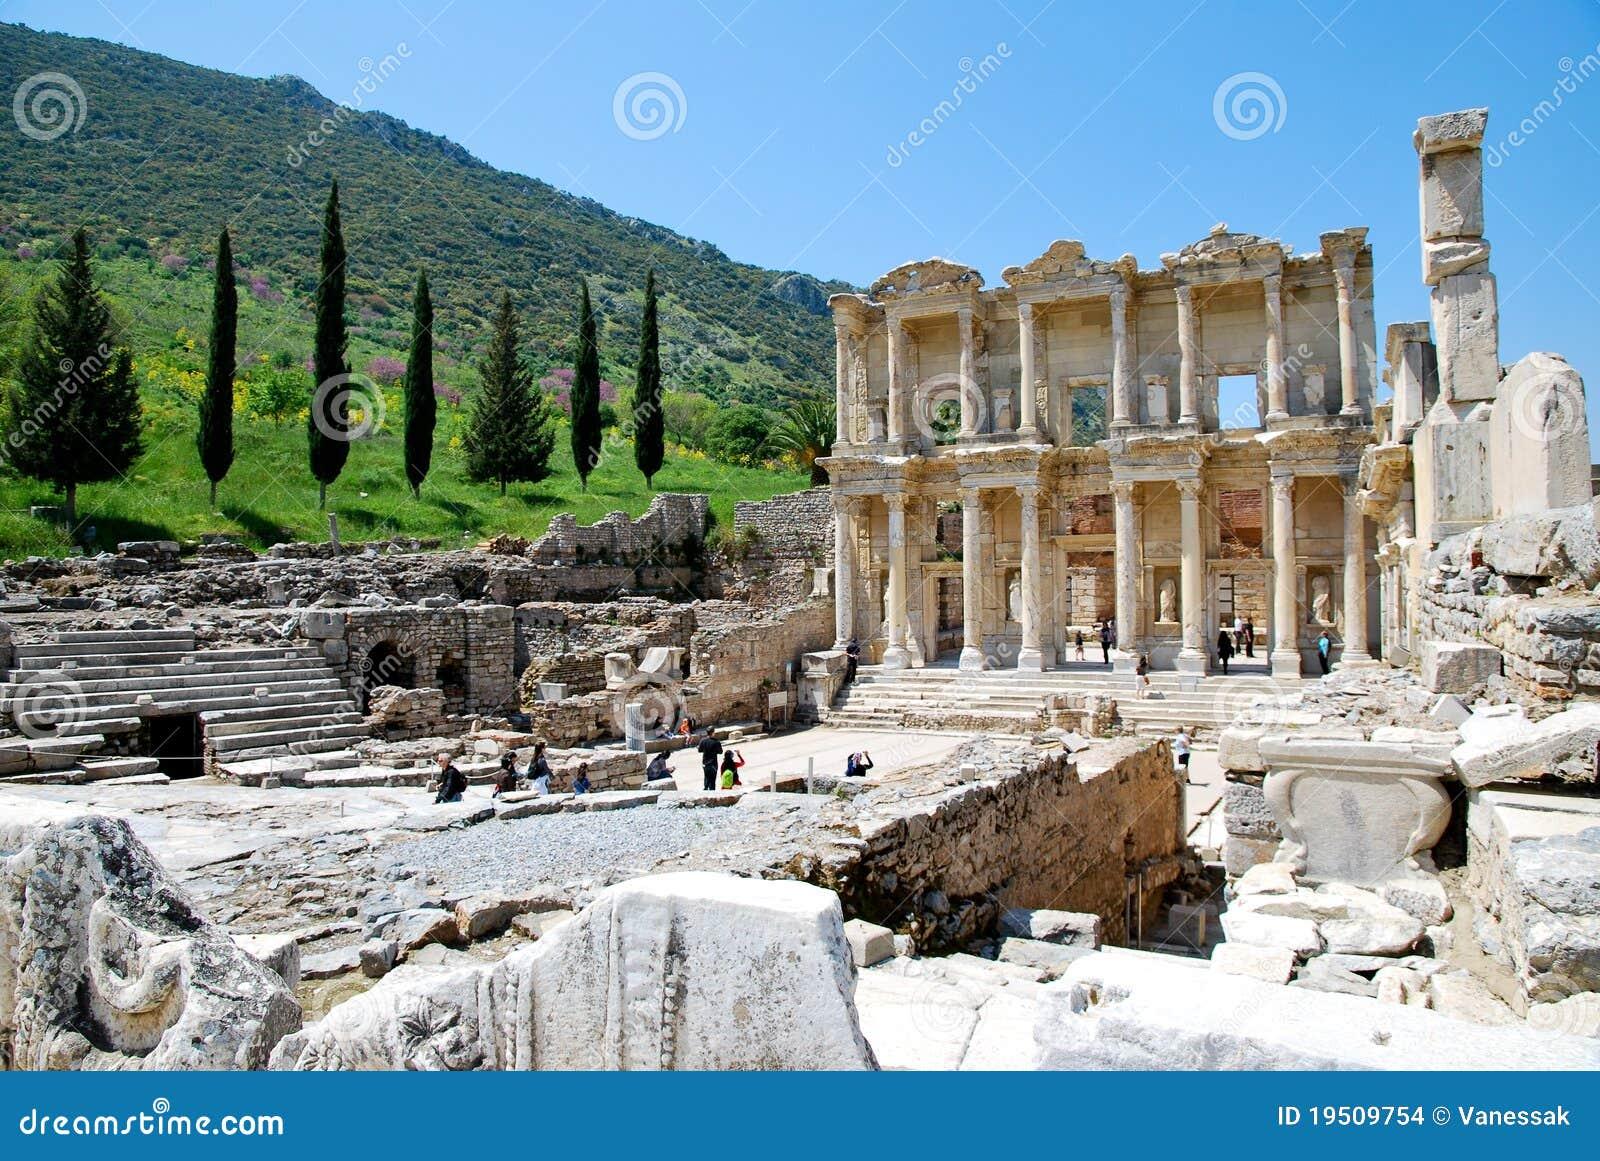 Las ruinas de la biblioteca de Celsus en Ephesus